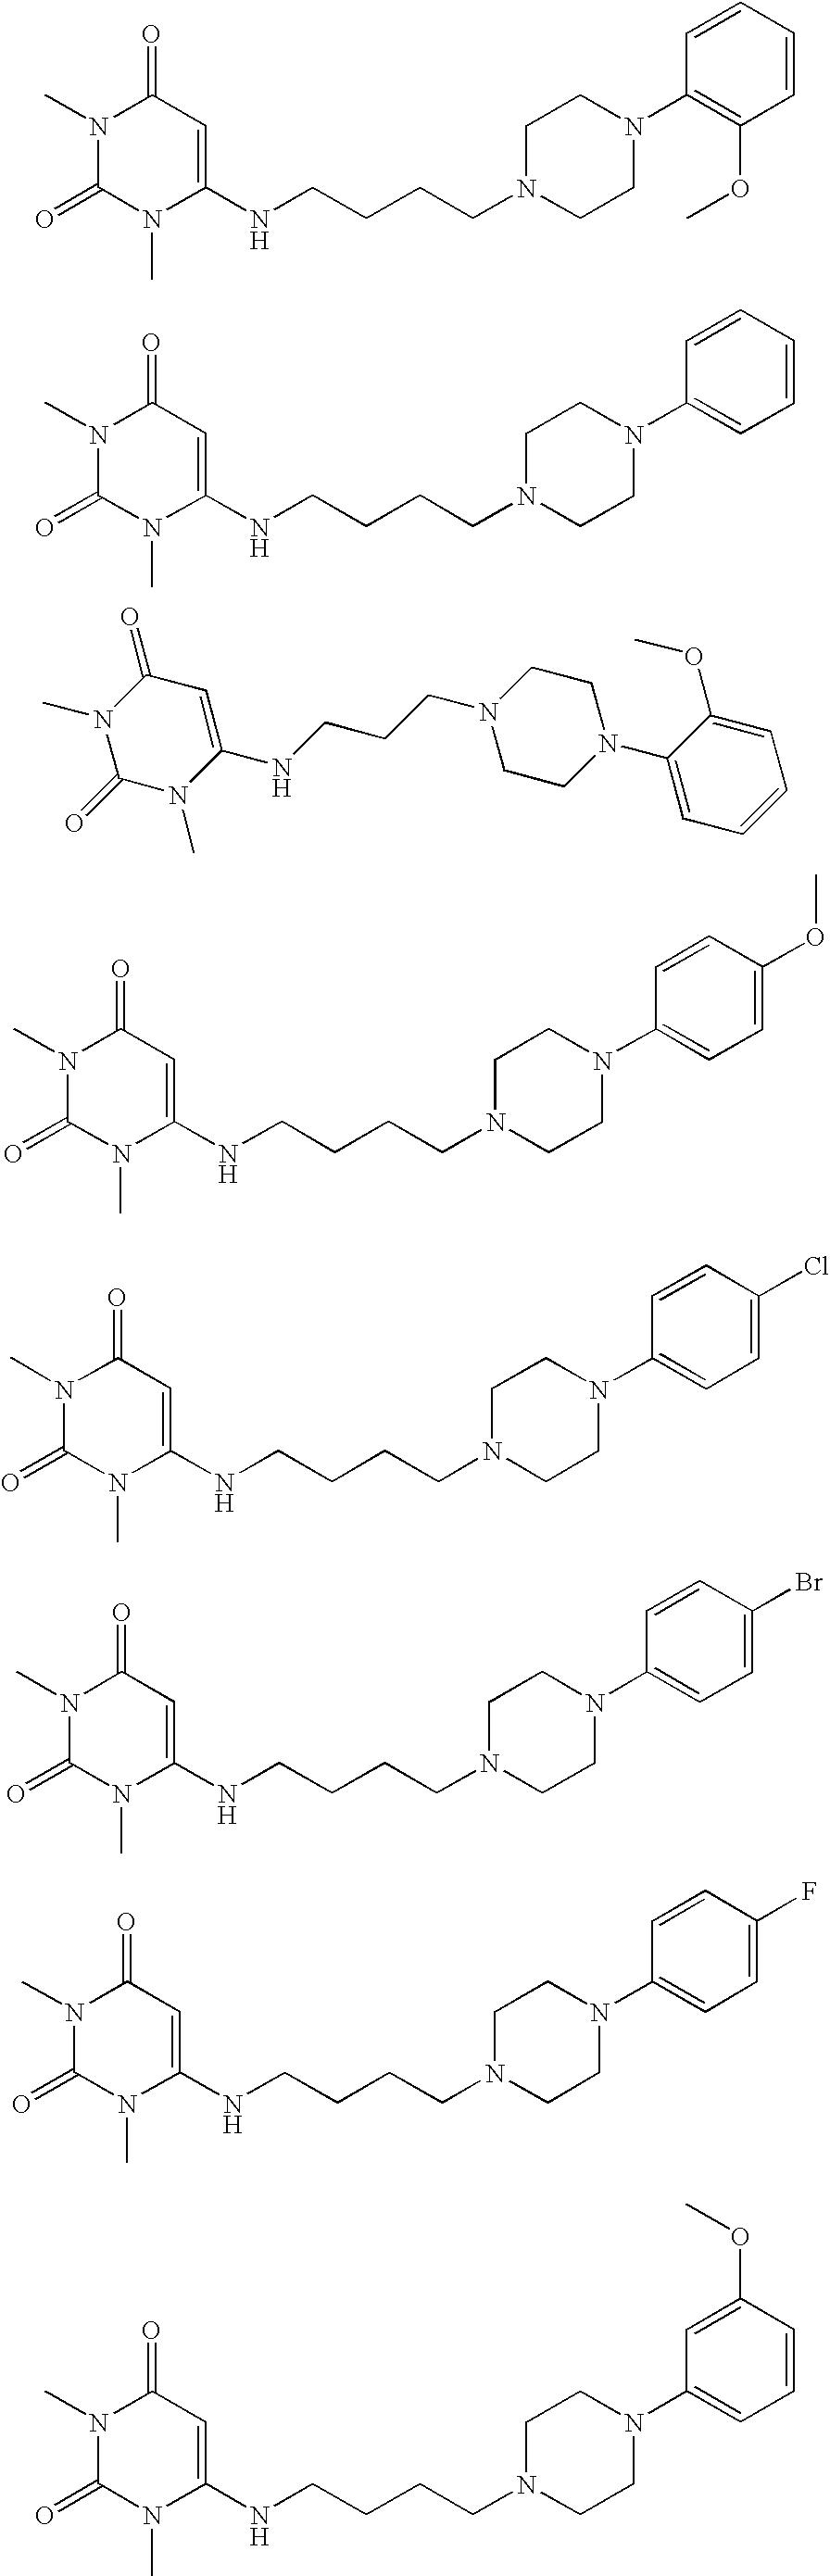 Figure US20100009983A1-20100114-C00070